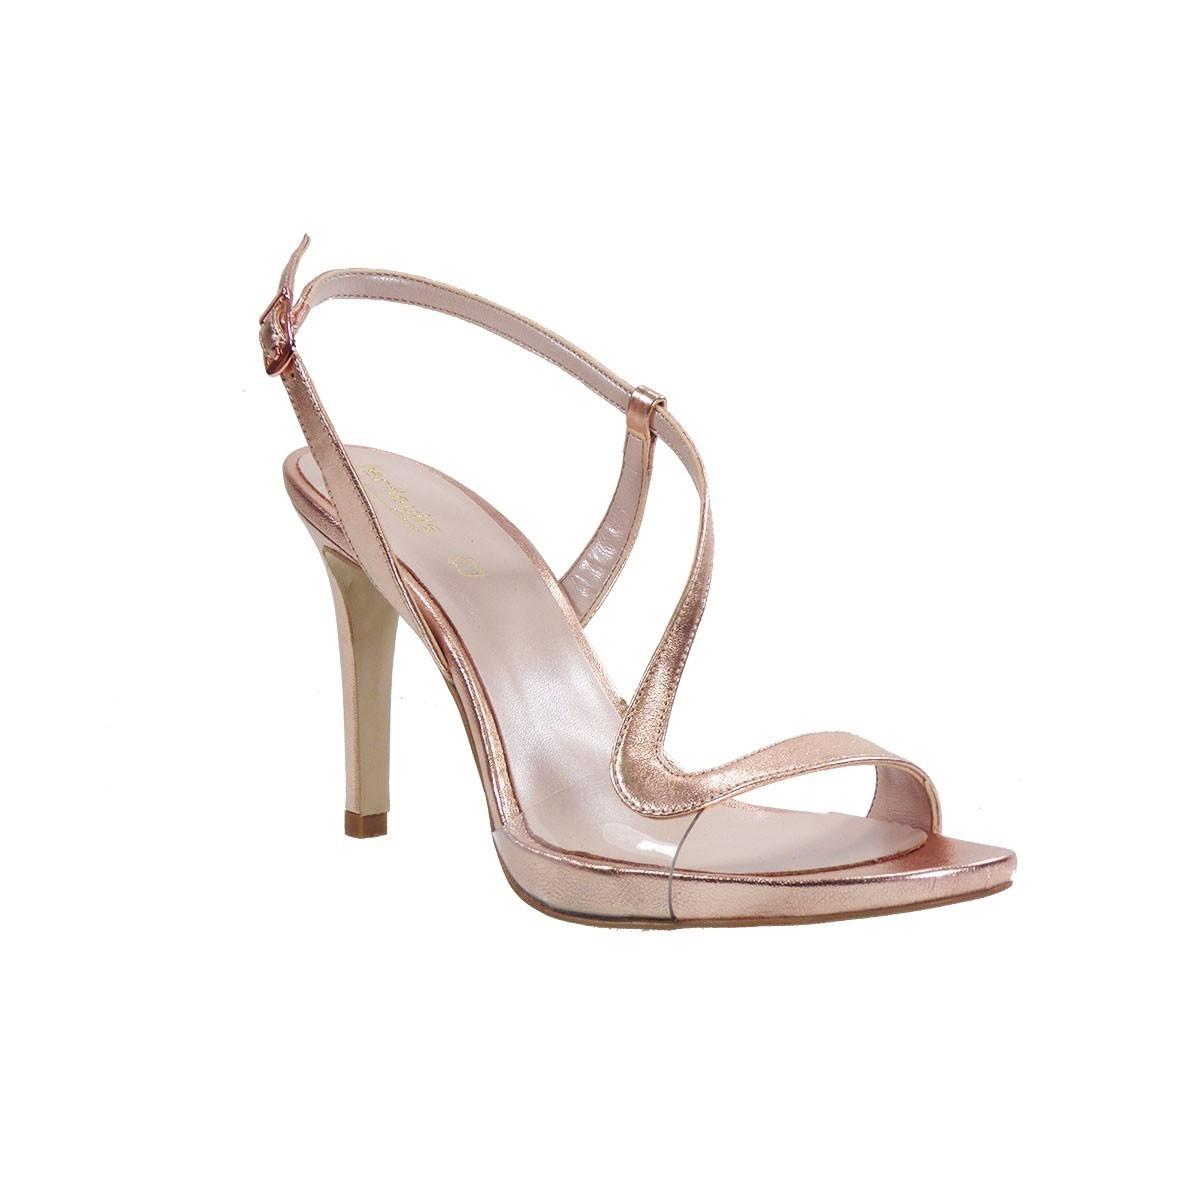 Fardoulis shoes Γυναικεία Πέδιλα 8053 Χαλκός Δέρμα